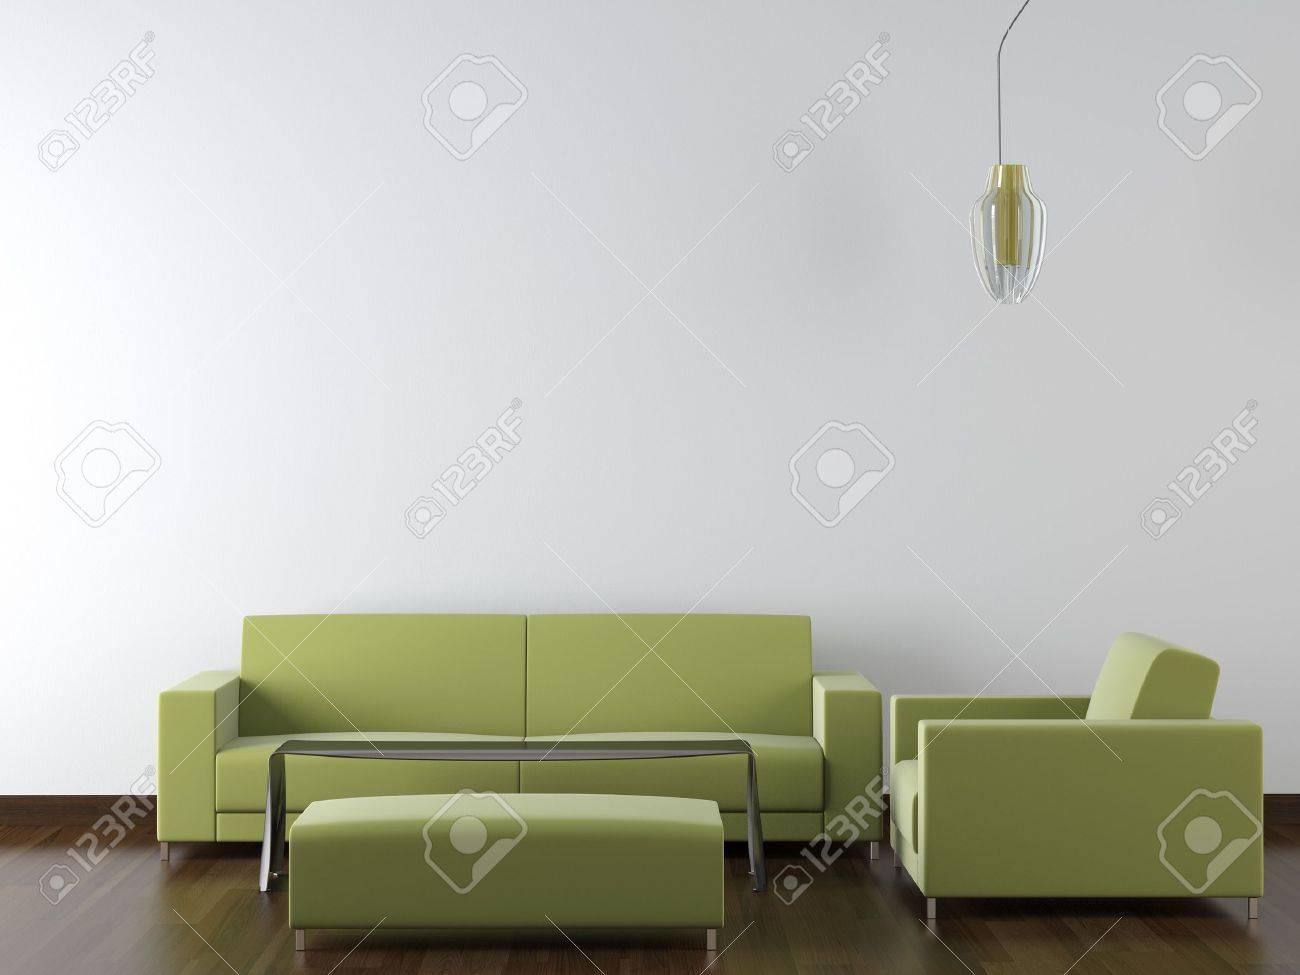 Design Der Modernen Grünen Wohnzimmermöbel Gegen Weiße Wand Mit ...